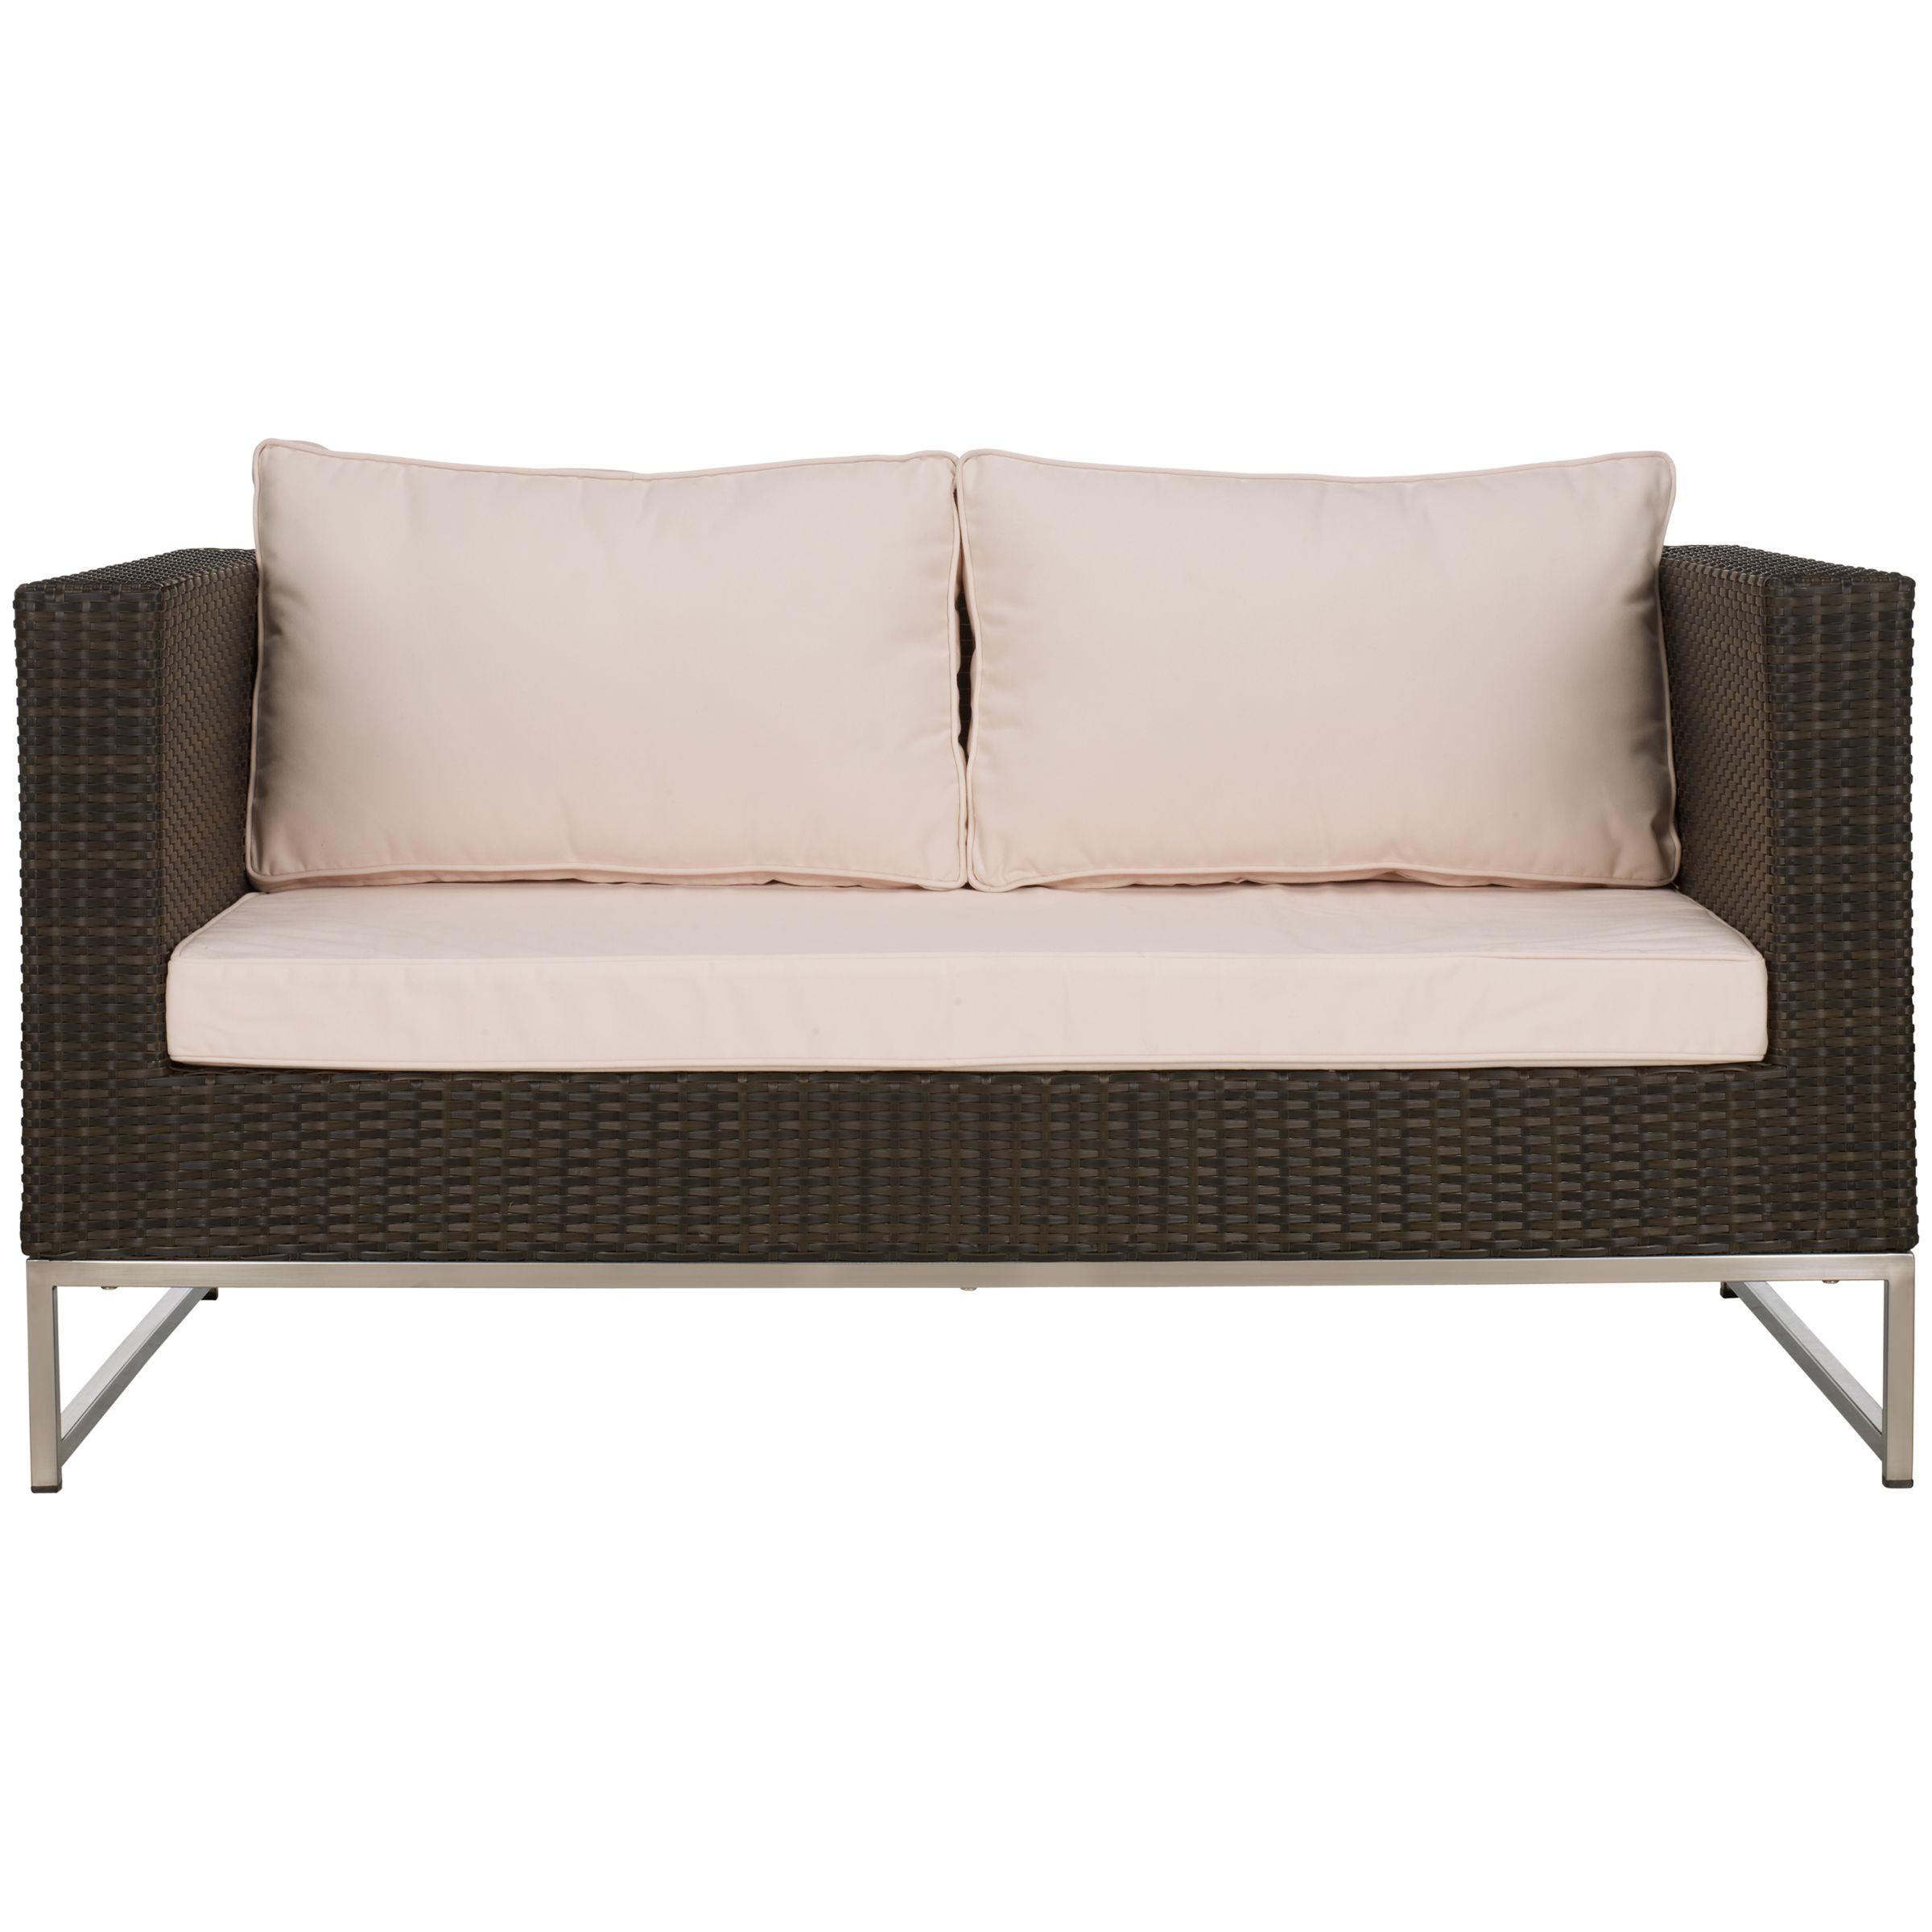 John Lewis Milan Outdoor Sofa